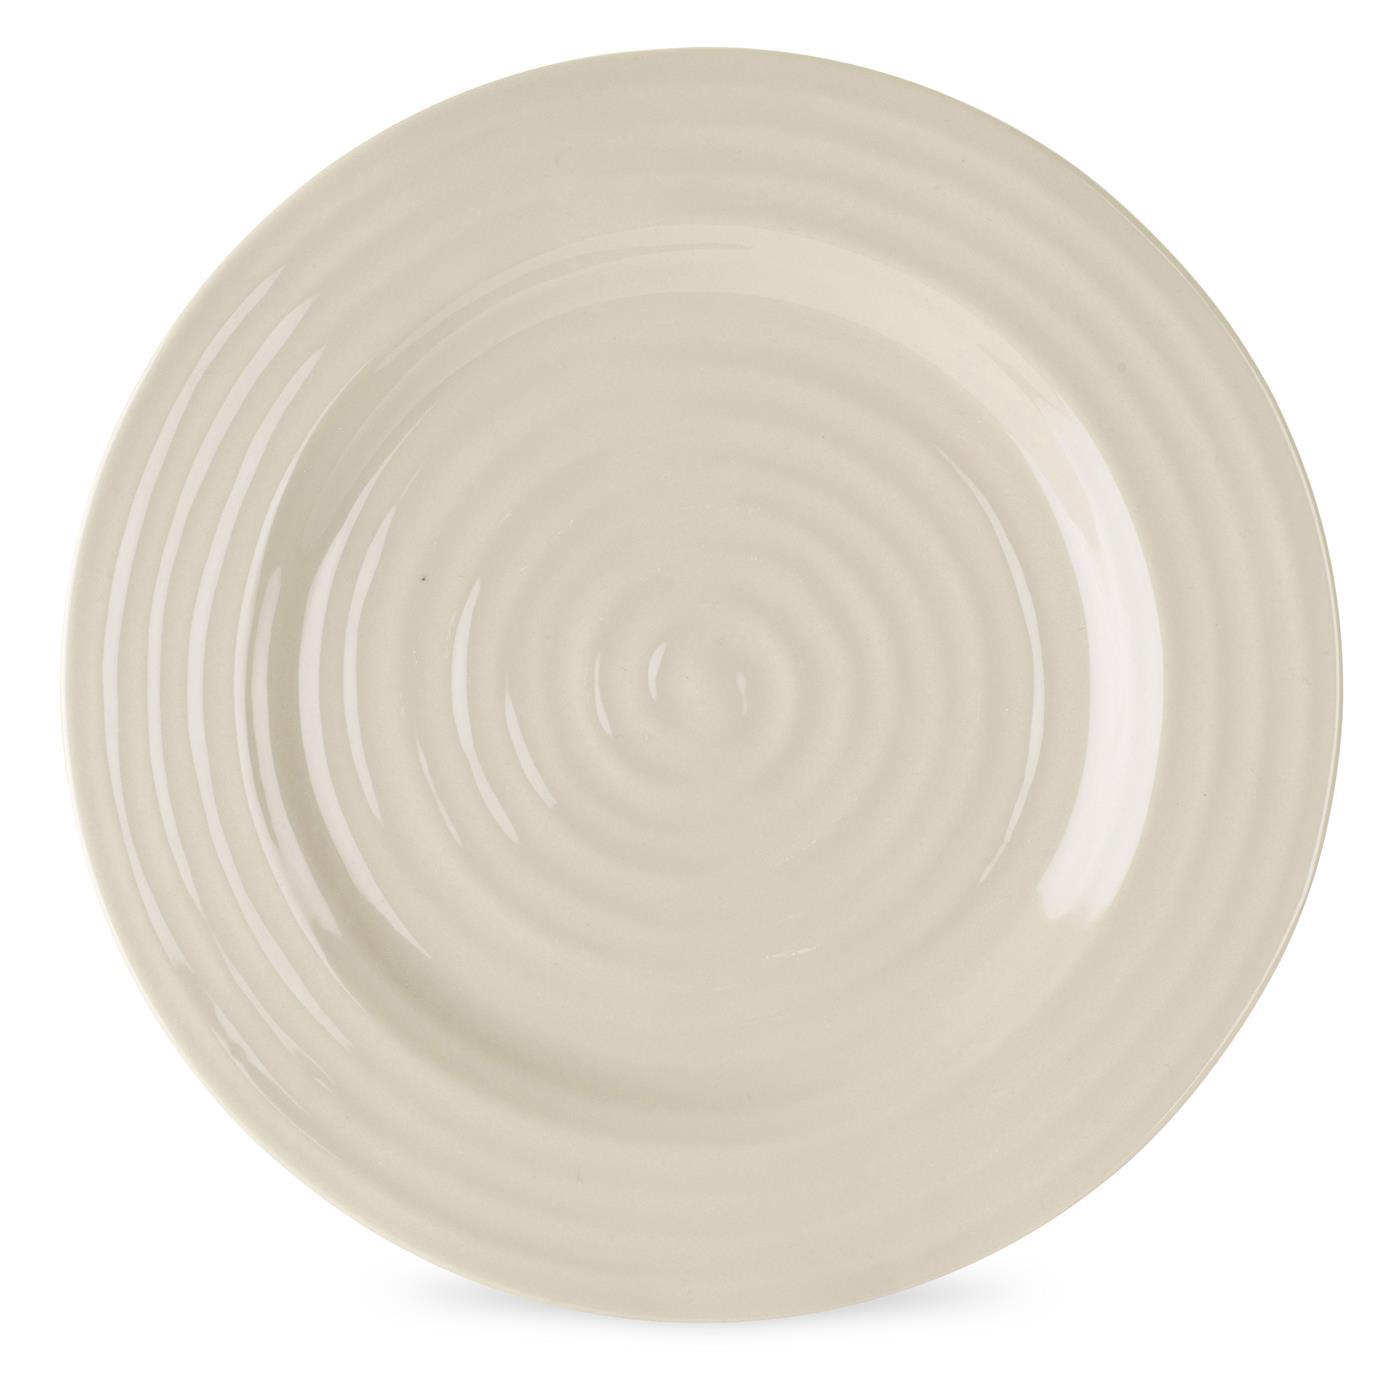 포트메리온 '소피 콘란' 디너 접시 4개 세트 Portmeirion Sophie Conran Pebble Set of 4 Dinner Plates